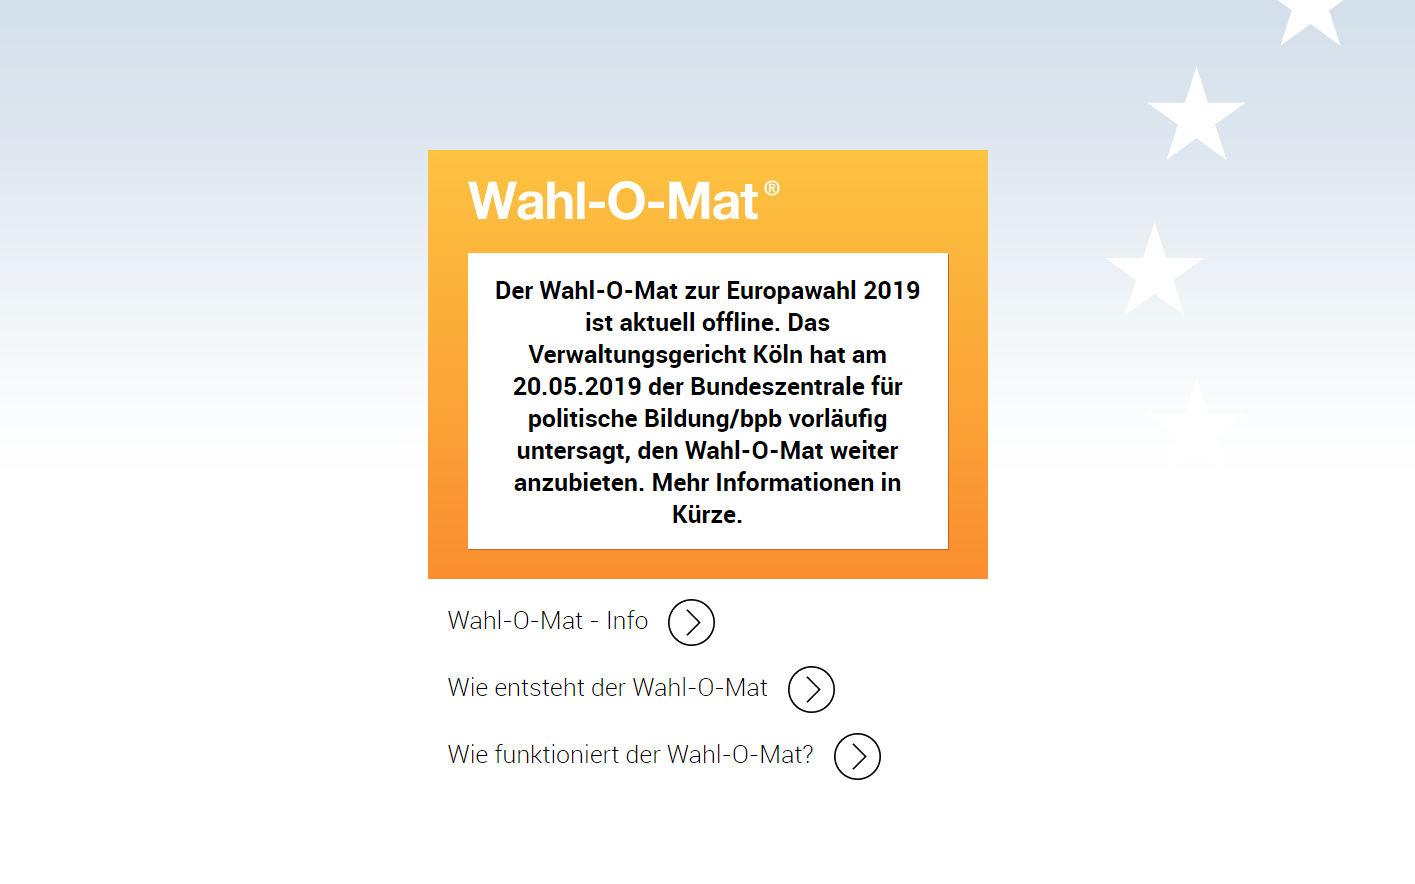 vor europawahl verboten grosse auswahl an automaten und gerichten